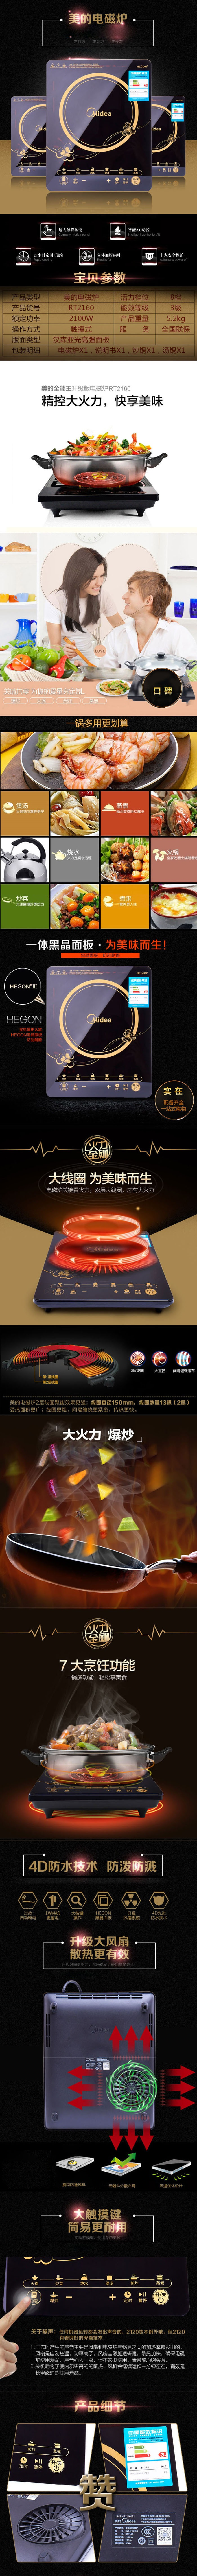 美的(midea) 电磁炉c21-rt2160(德国汉森技术黑晶面板,六大烹饪功能)